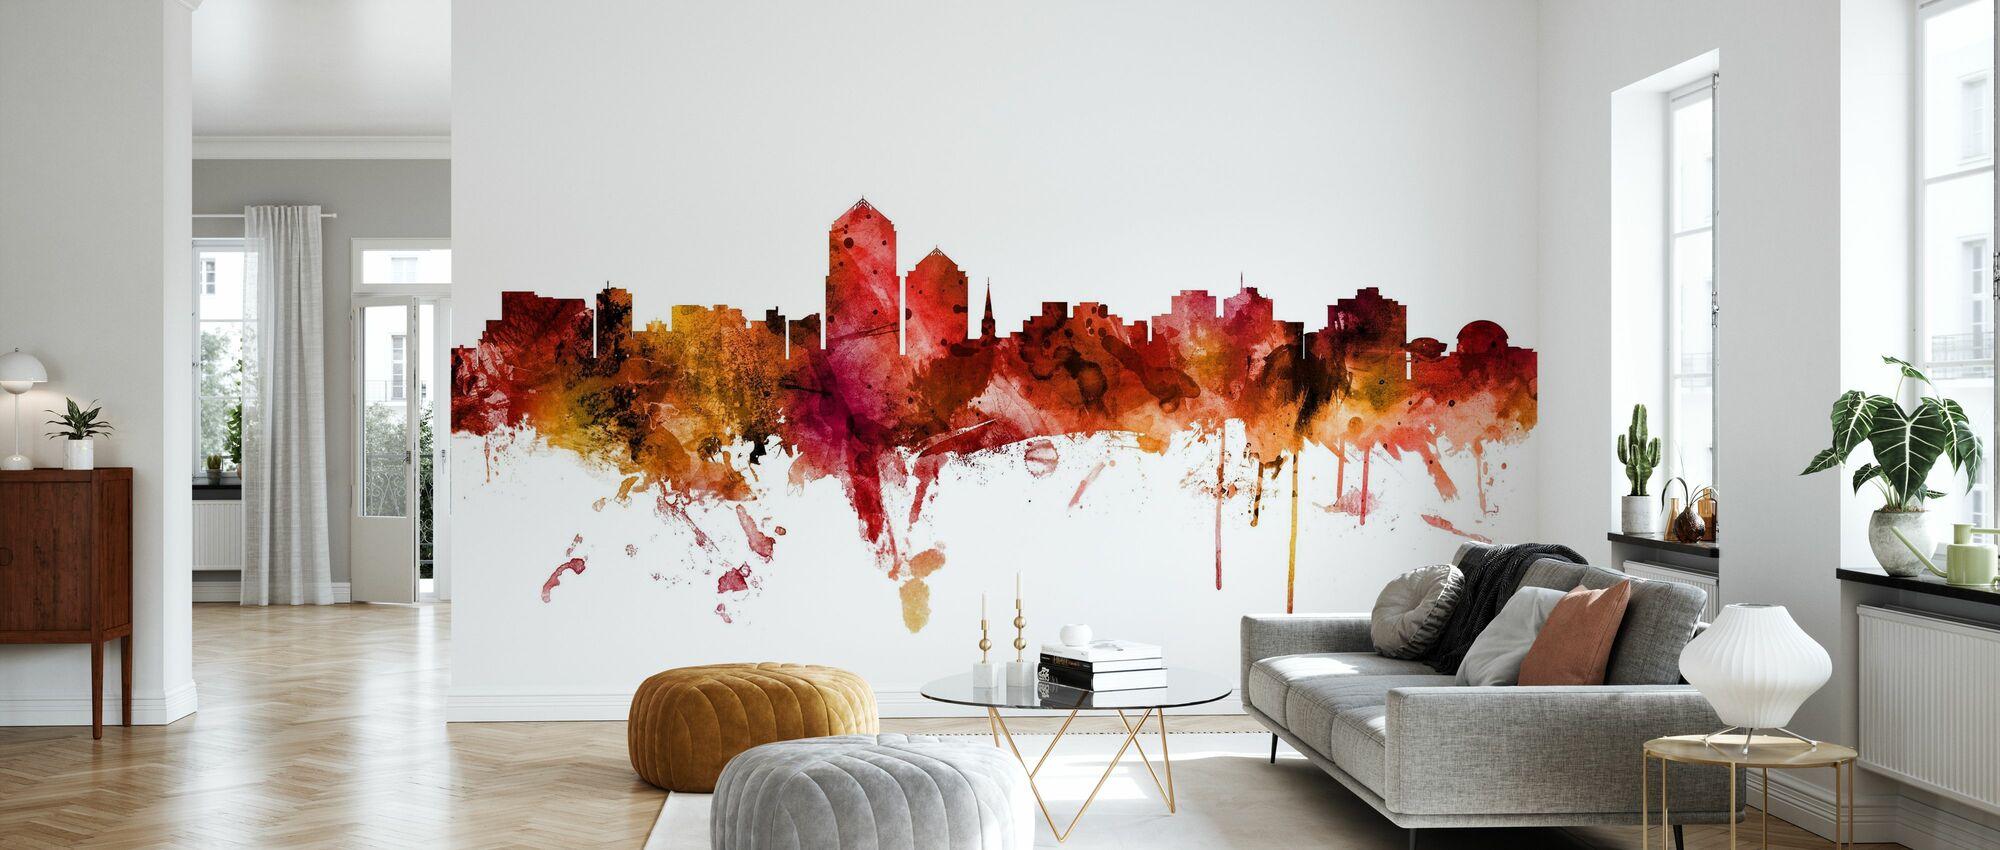 Albuquerque New Mexico Skyline - Wallpaper - Living Room